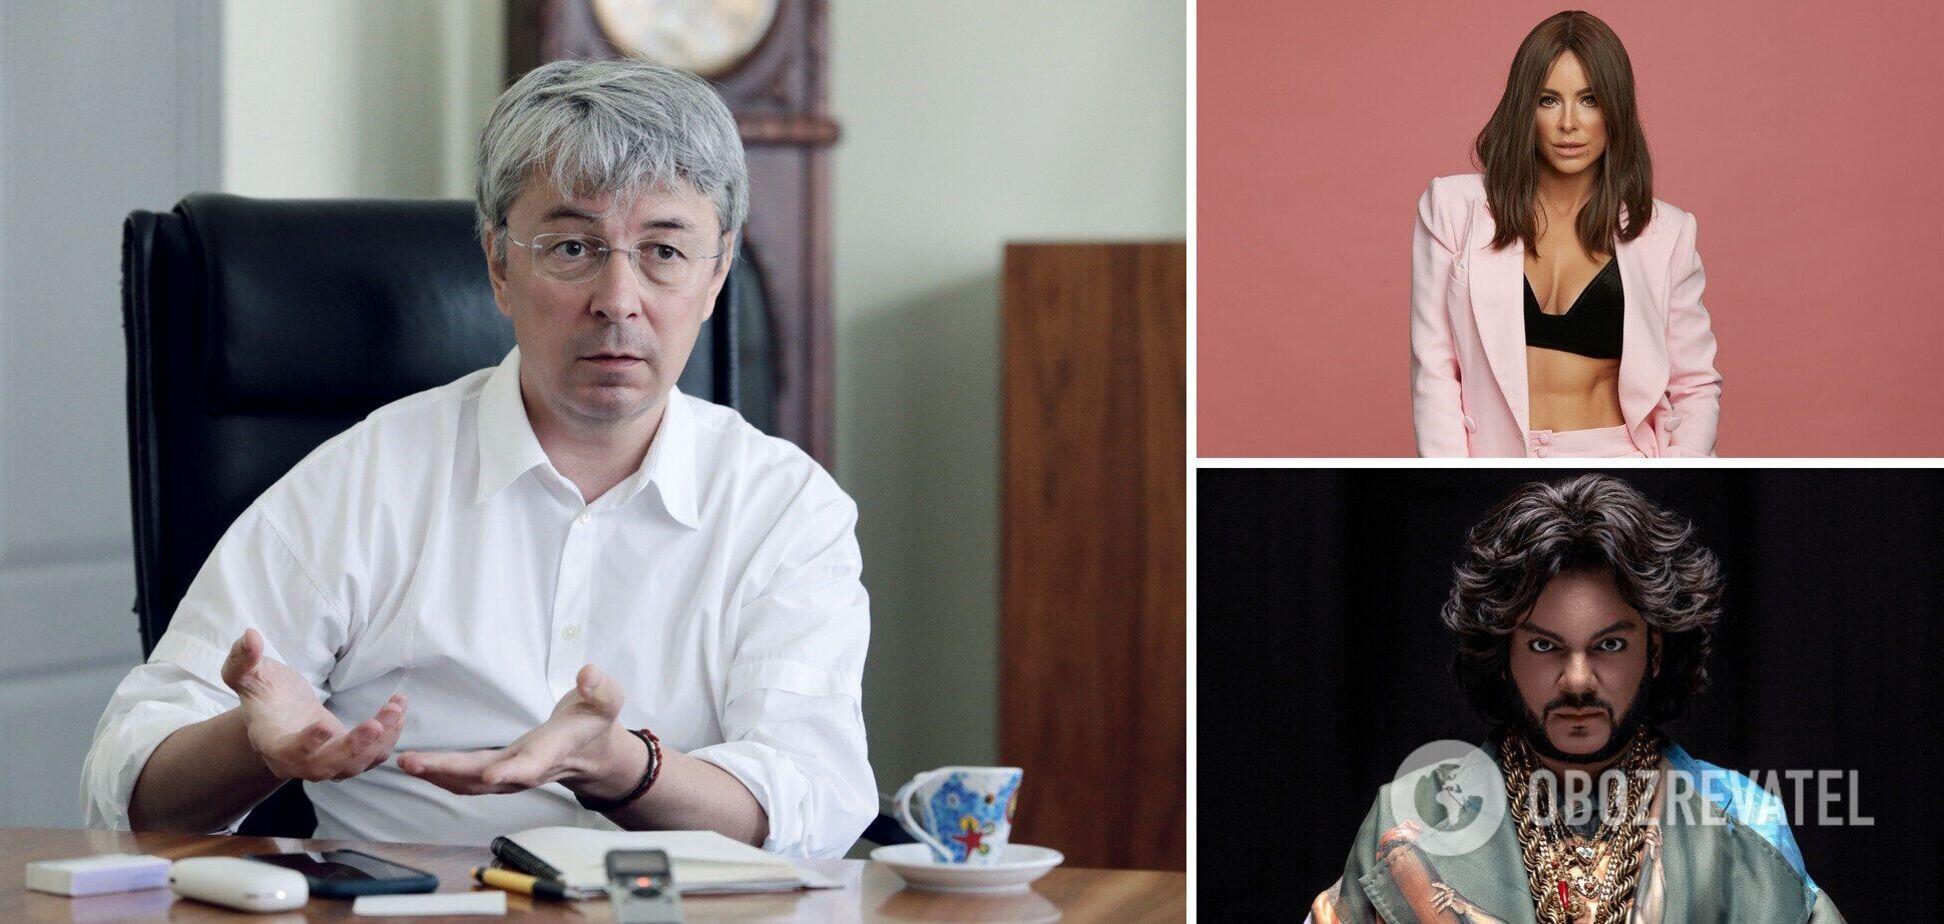 Ткаченко предложил лишить Лорак и Киркорова звания народного артиста Украины